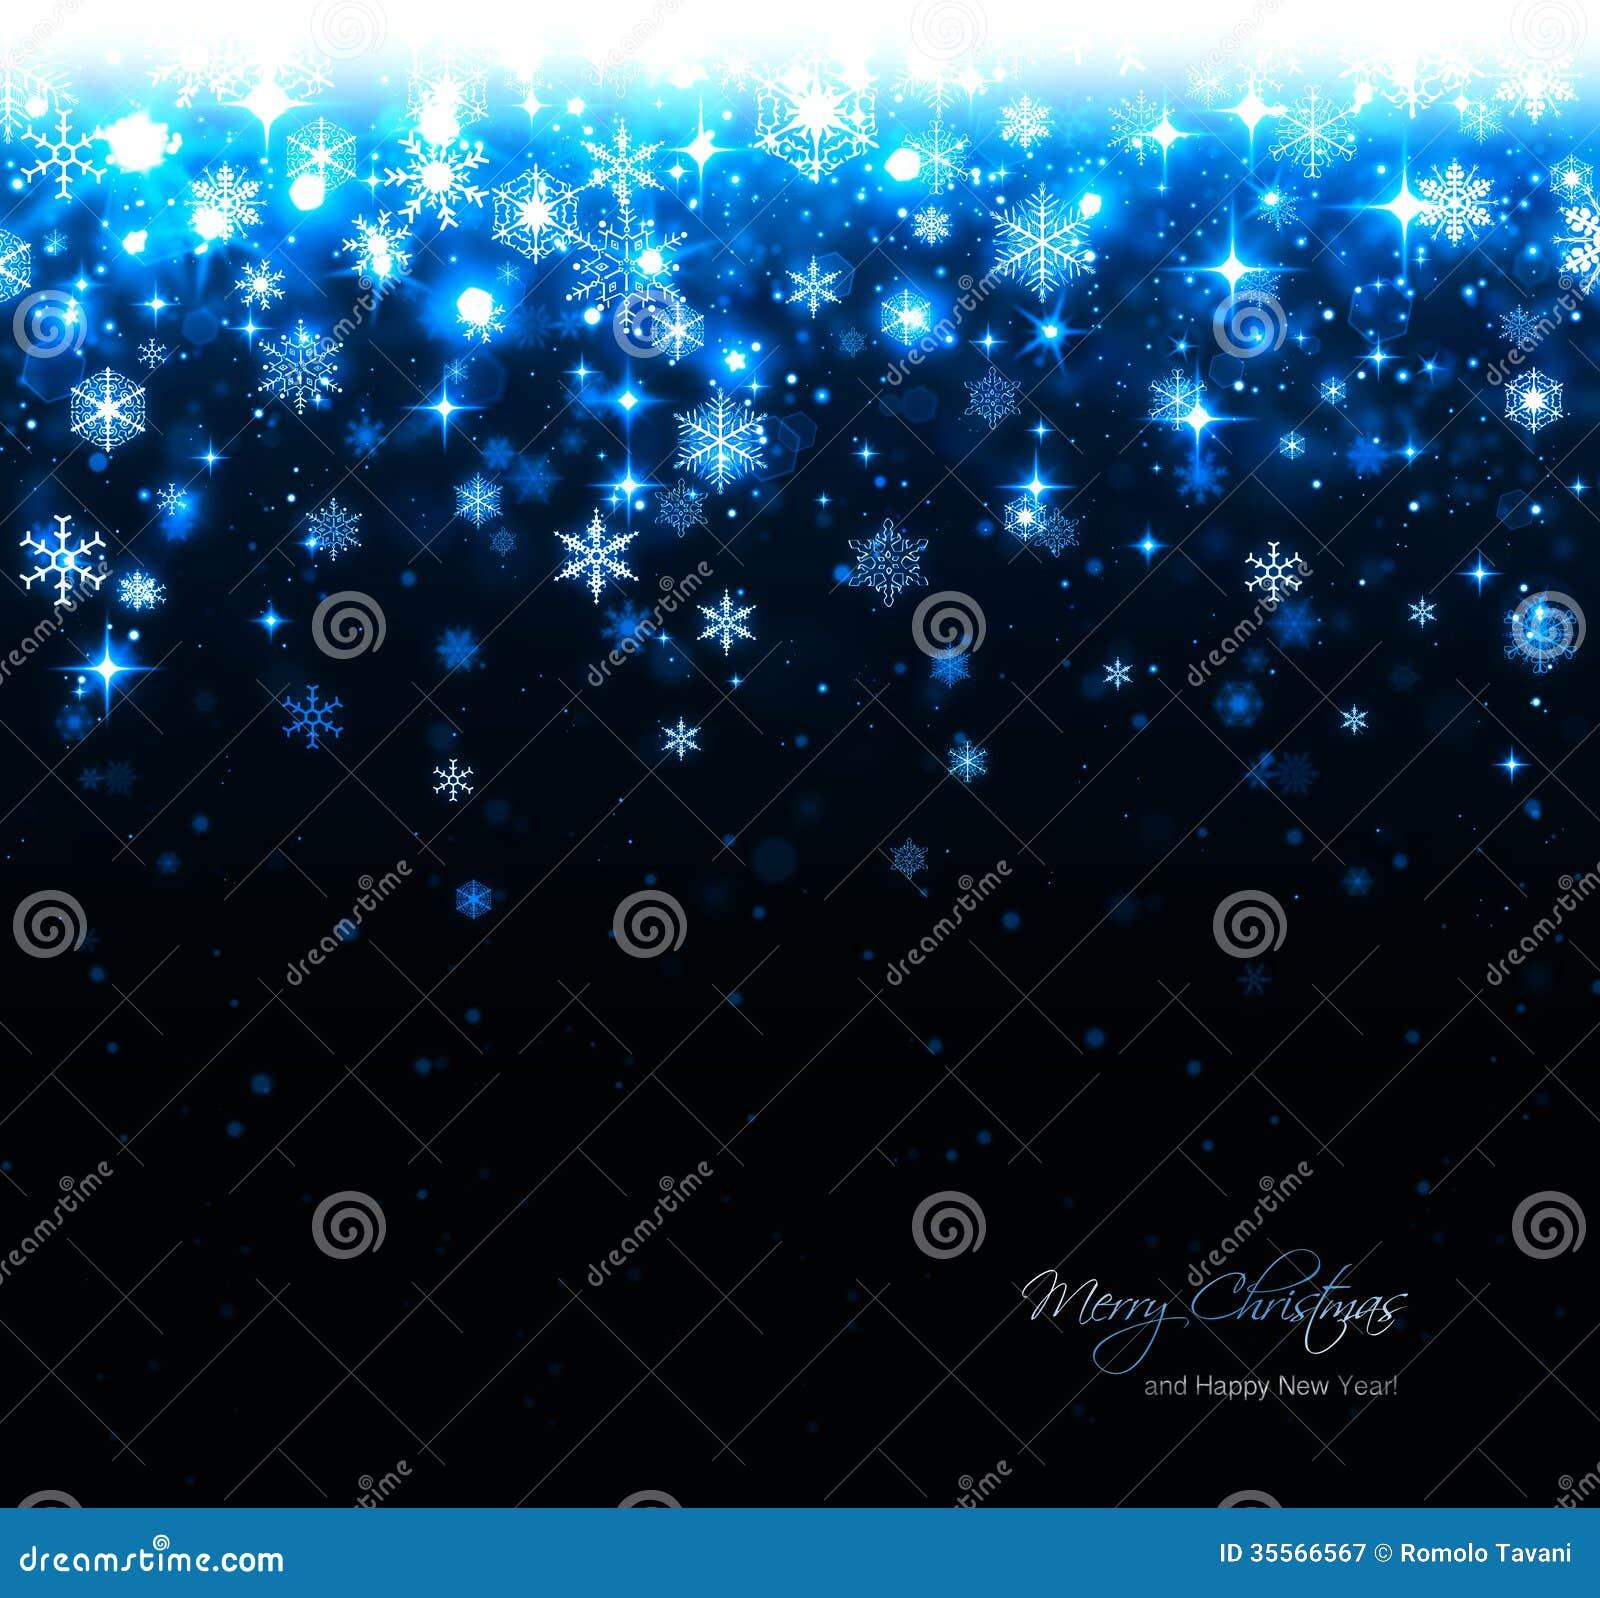 Fond bleu de Noël avec des étoiles et des flocons de neige